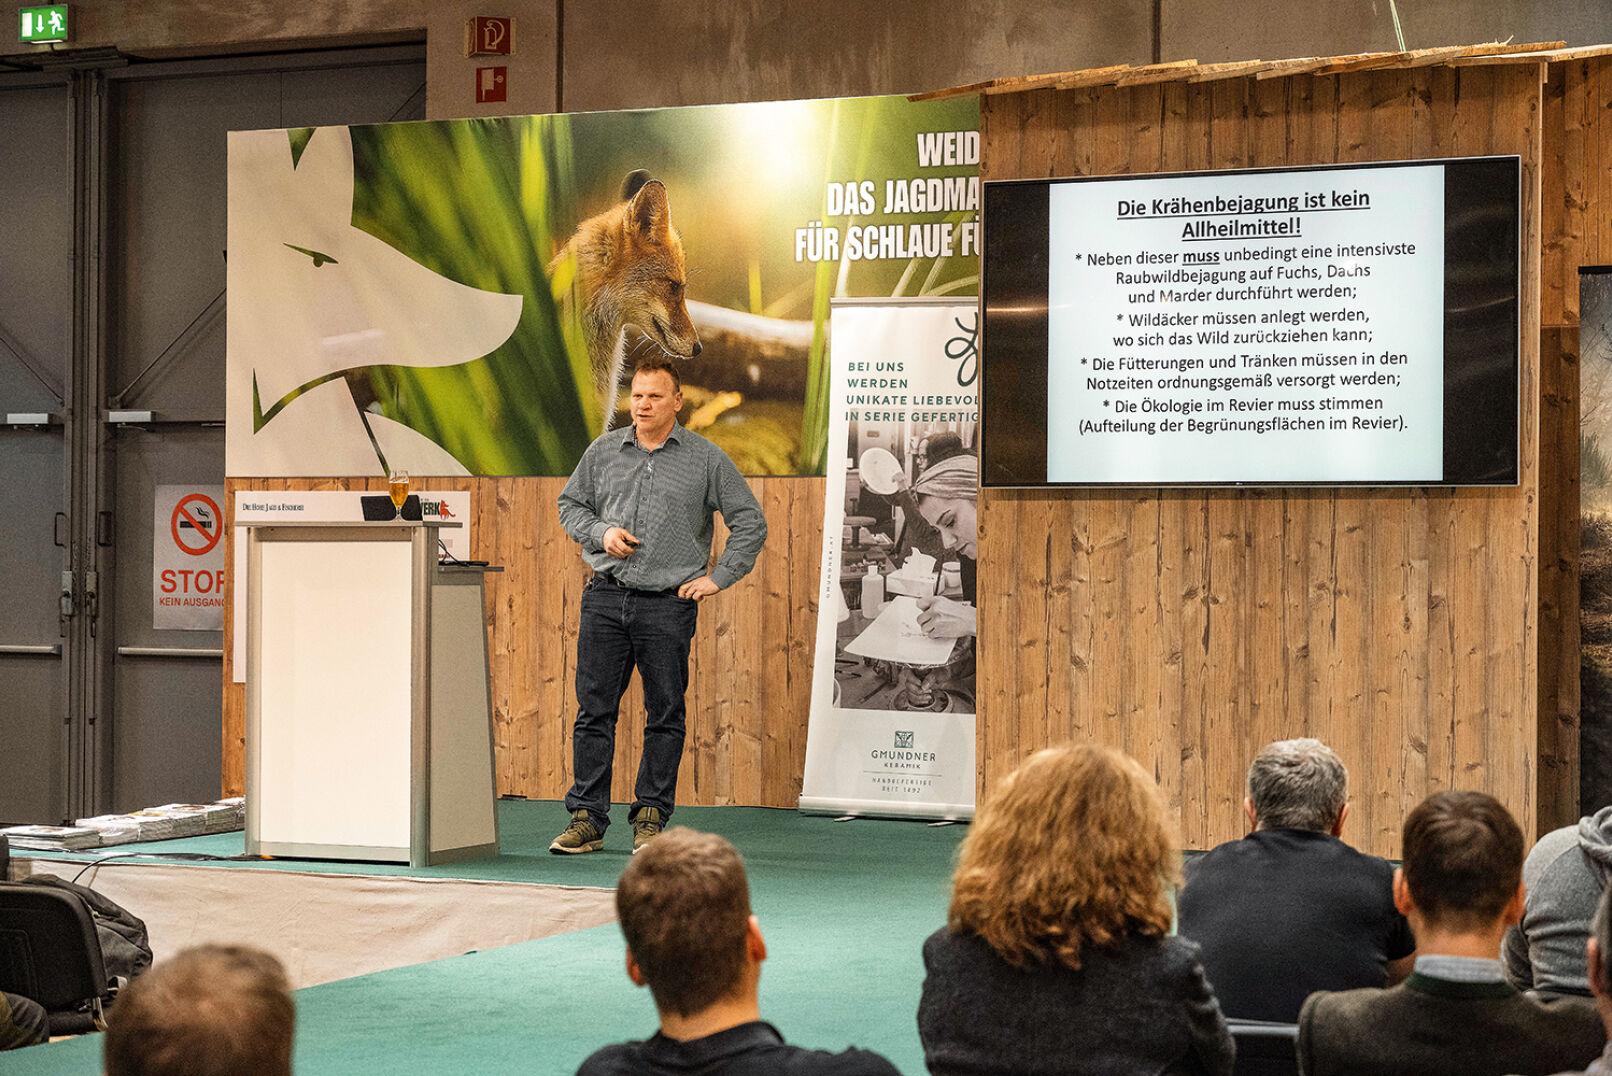 Vortrag von Reinhard Bayer zur Krähenbejagung - © Martin Grasberger